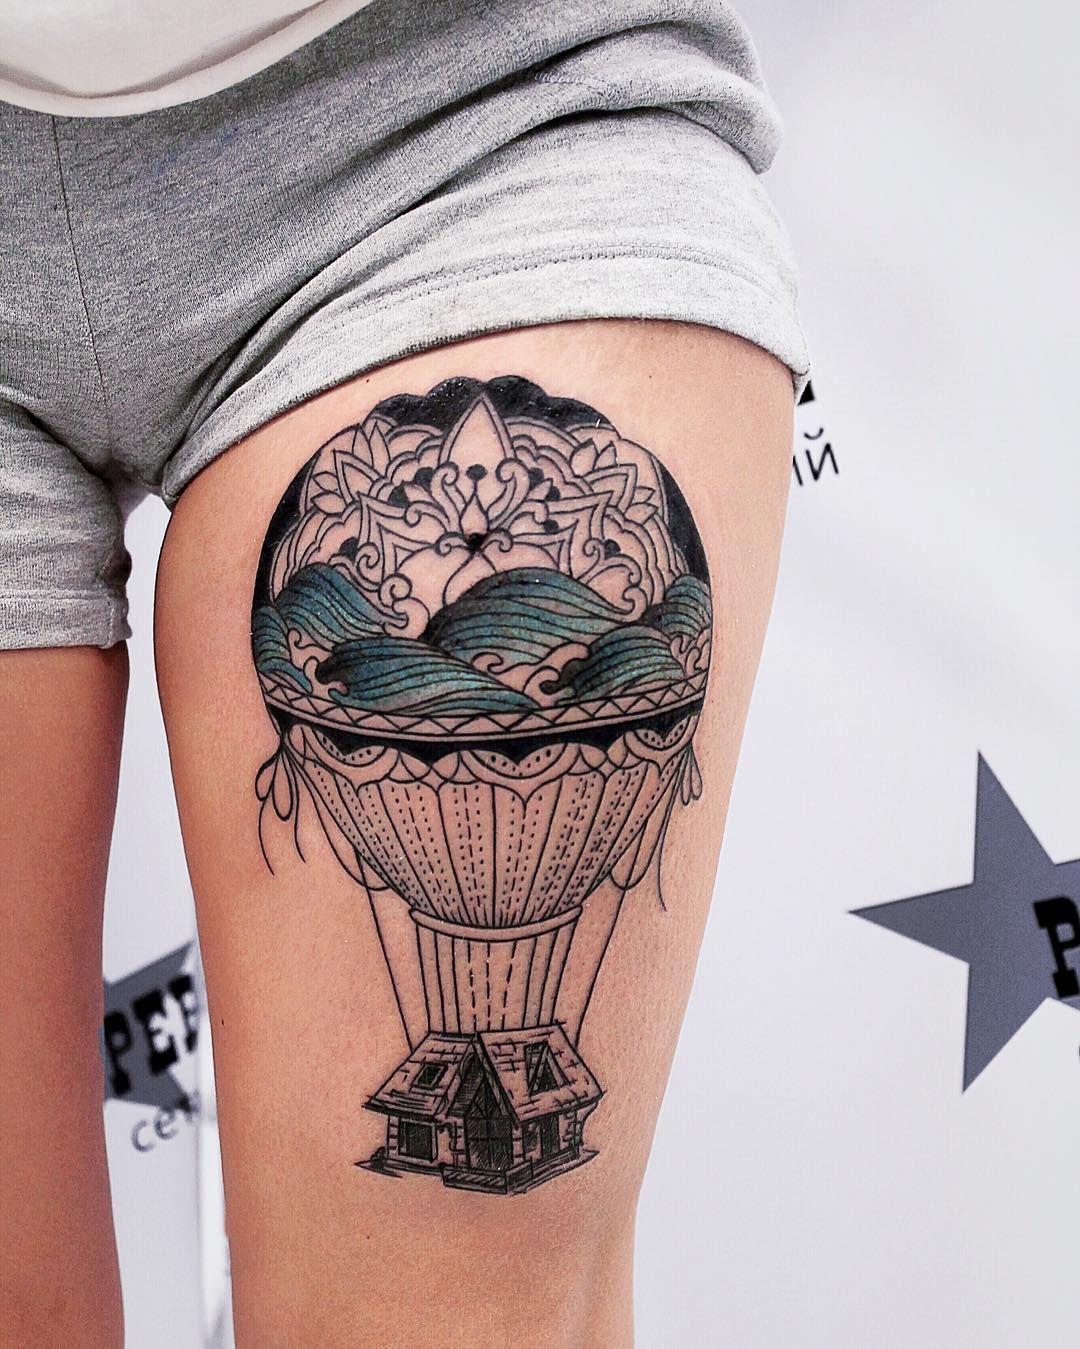 48 Incredible Hot Air Balloon Tattoo Designs | Hot air balloons ...